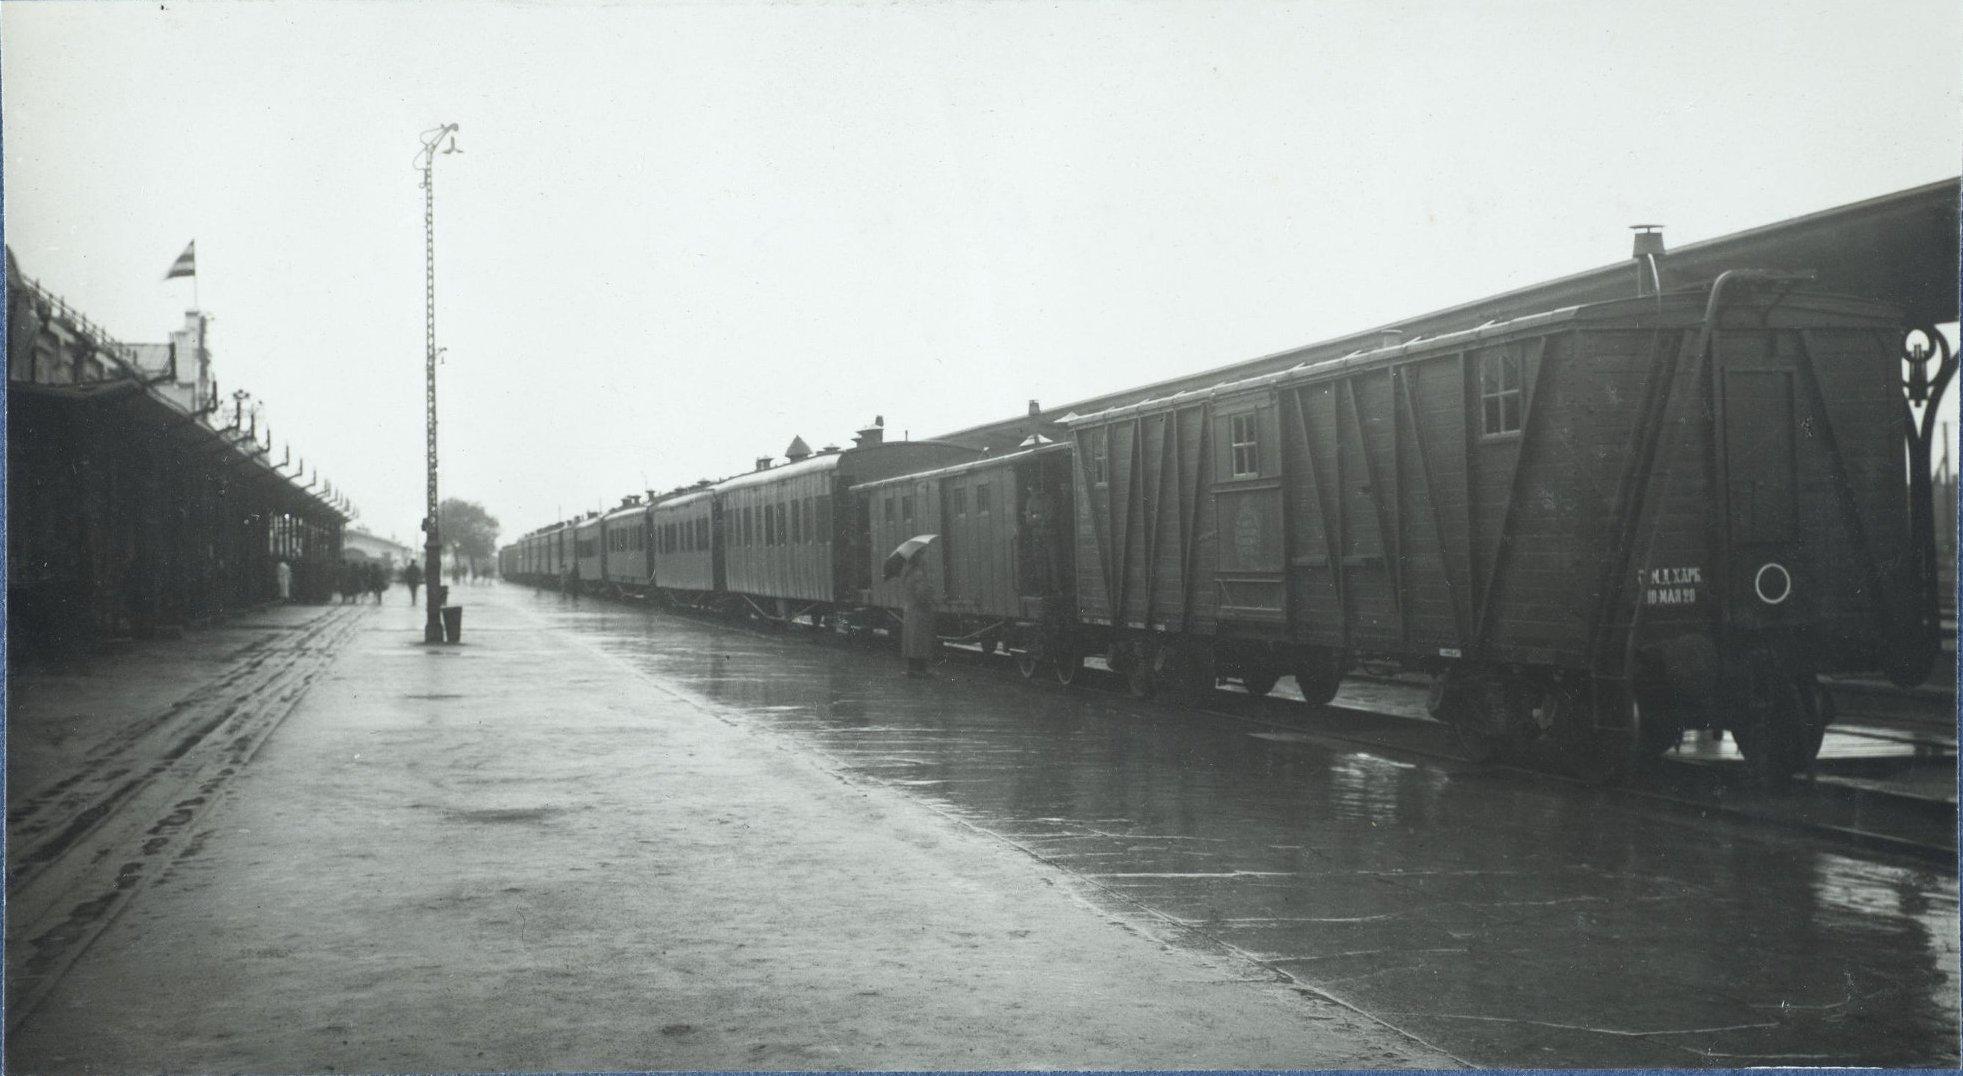 Врачебно-питательный поезд. Харбин. 31 мая 1922